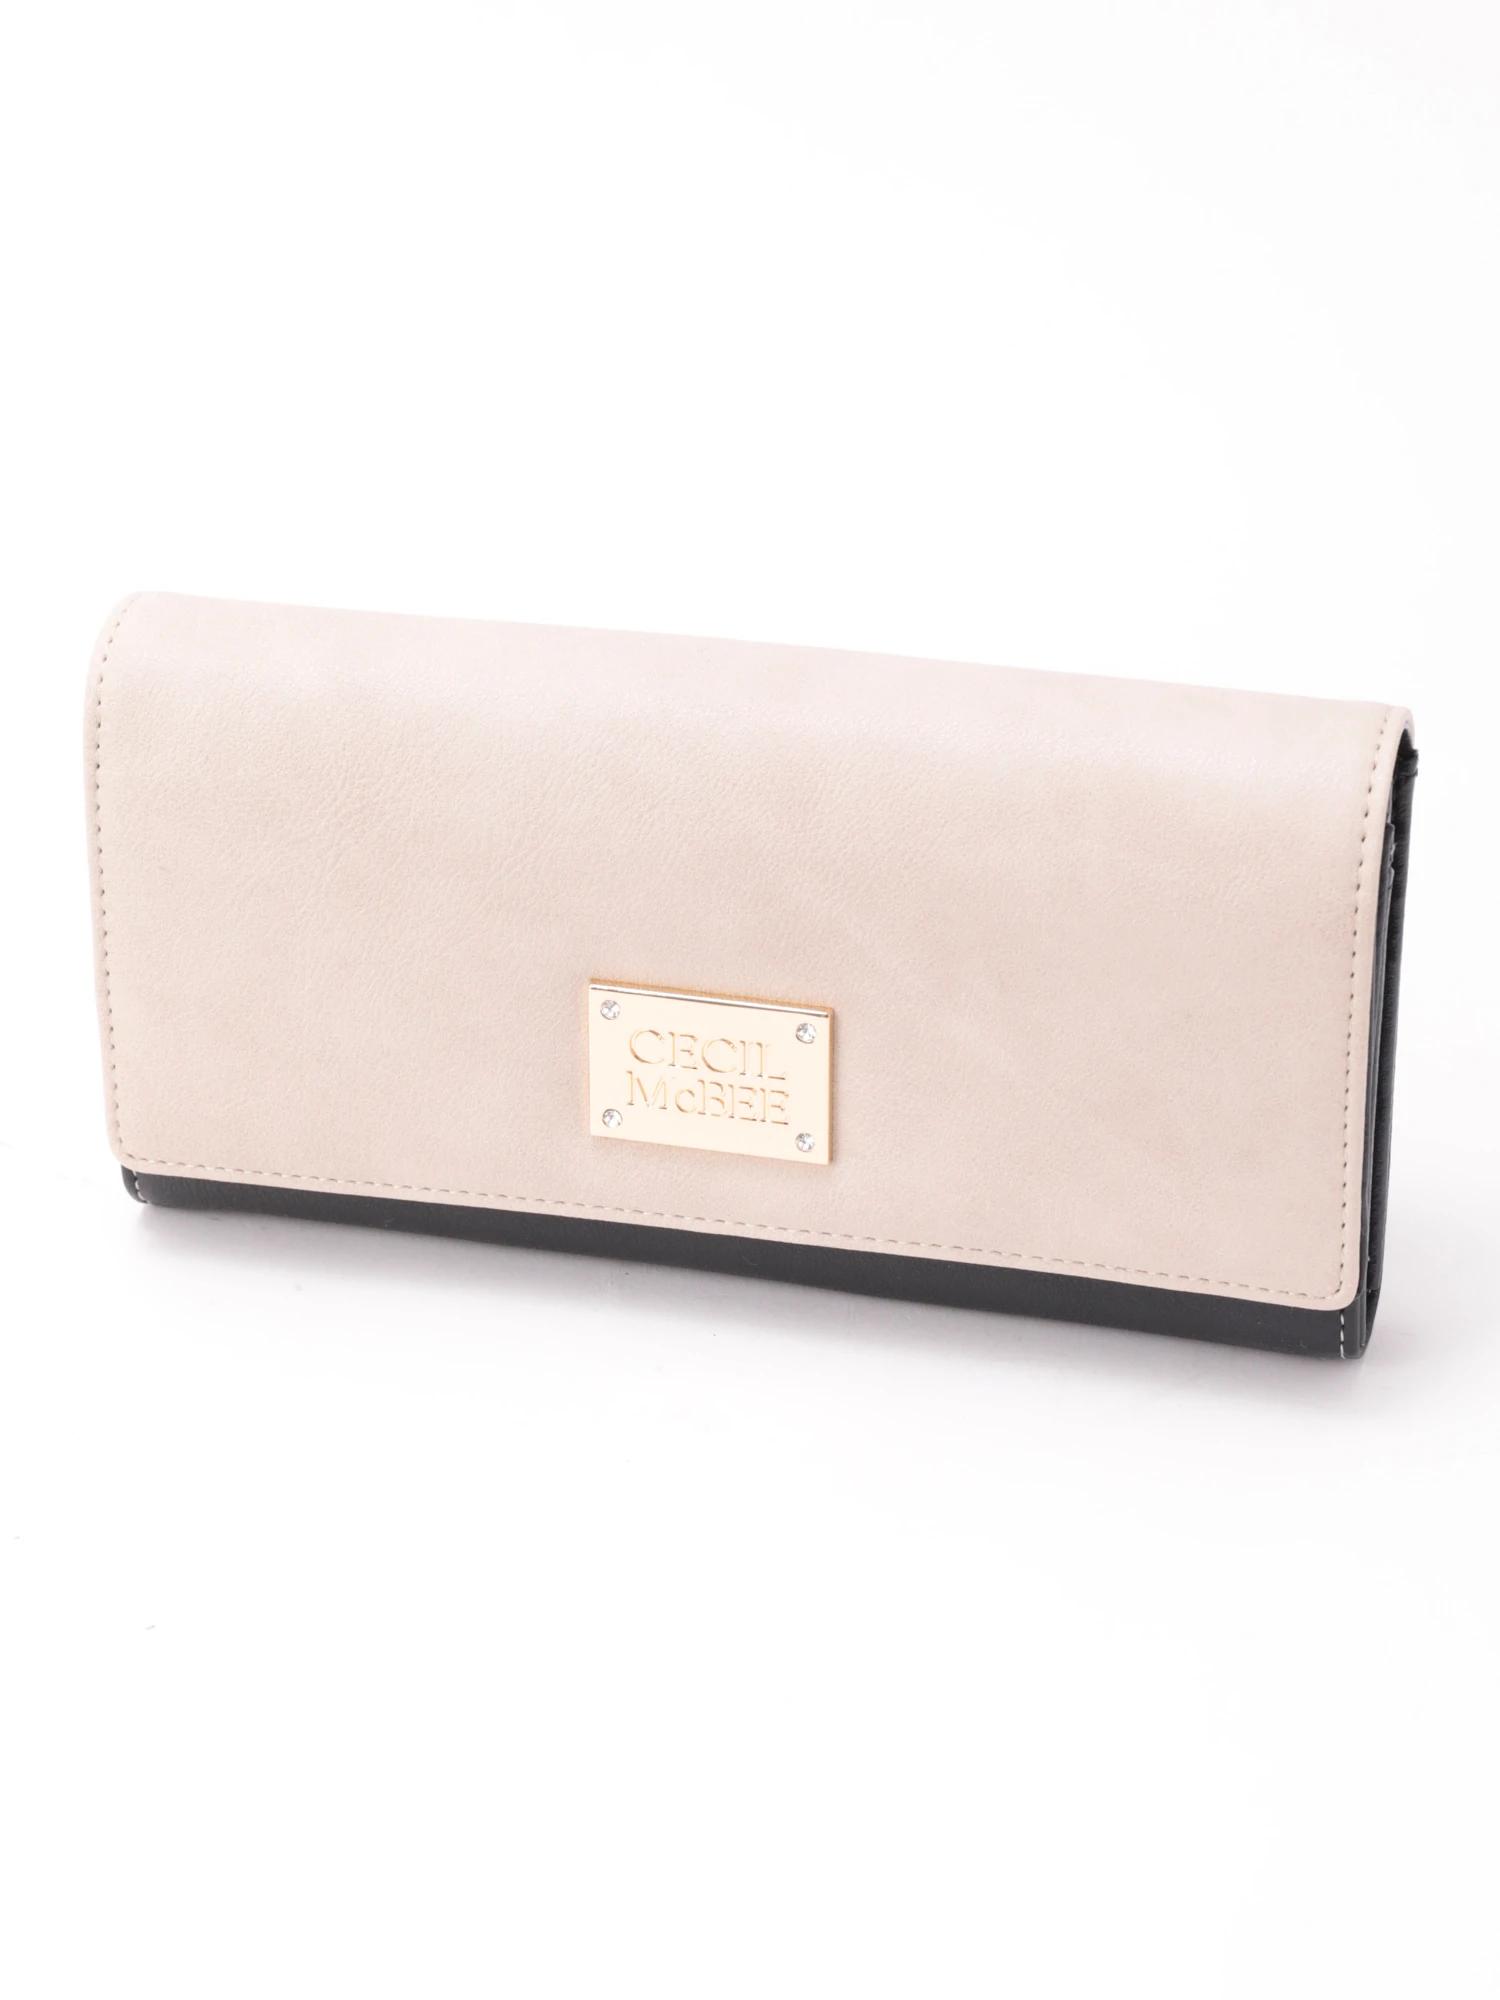 四角プレート二つ折り長財布